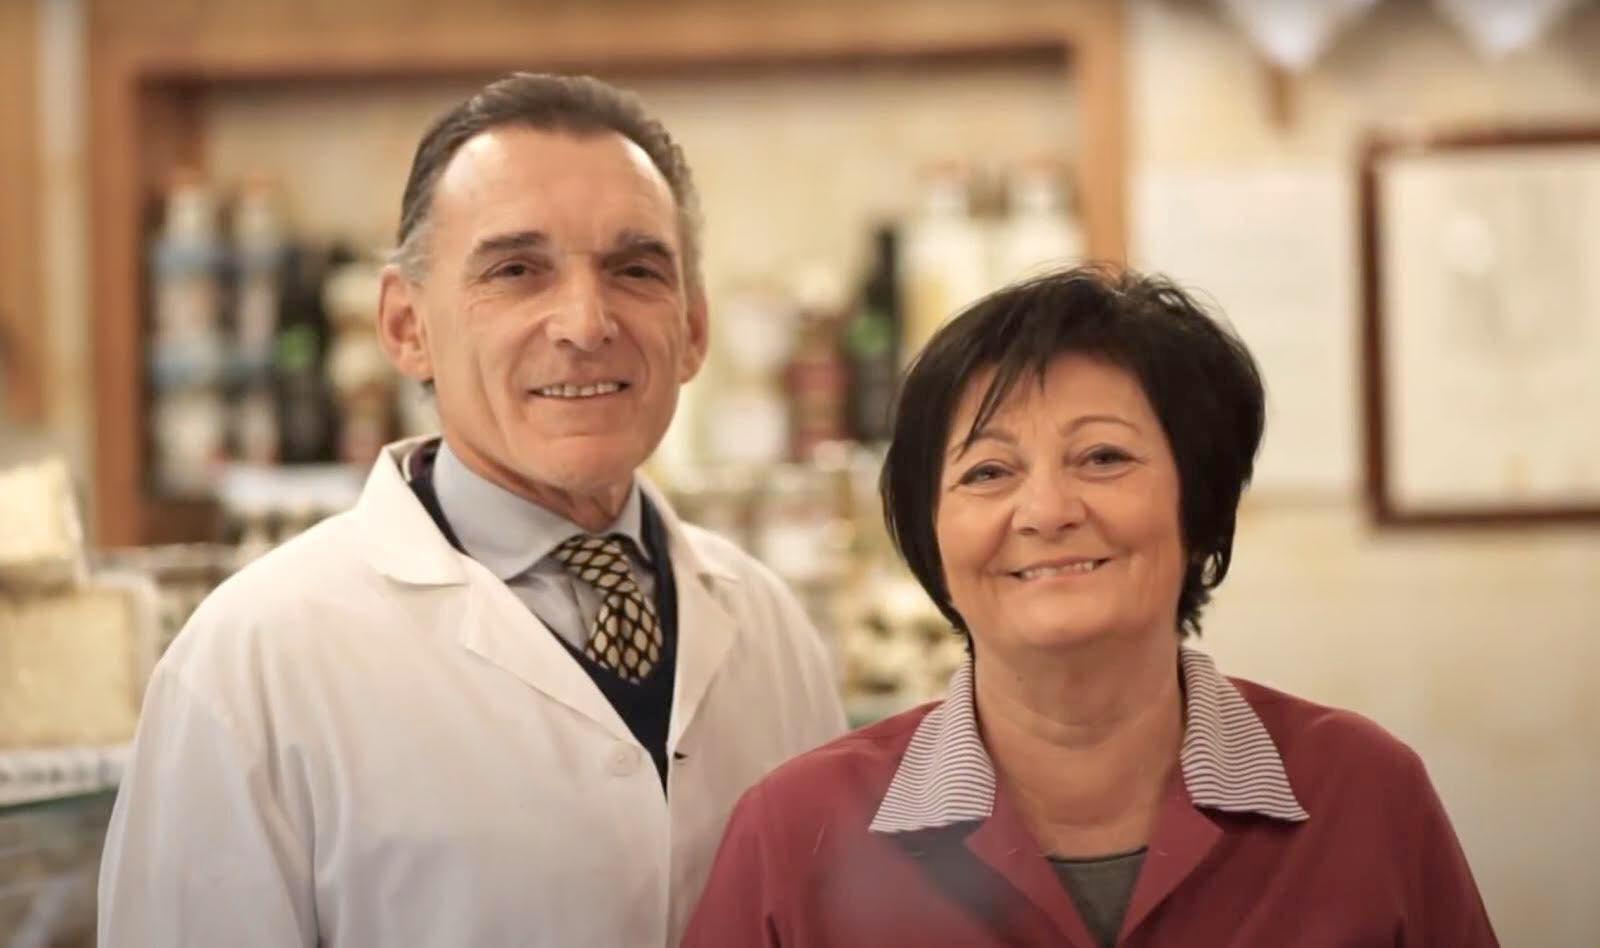 Gastronomia Raineri: 40 anni di passione, grinta ed entusiasmo nel cuore di Motta Visconti. L'intervista a Giancarlo